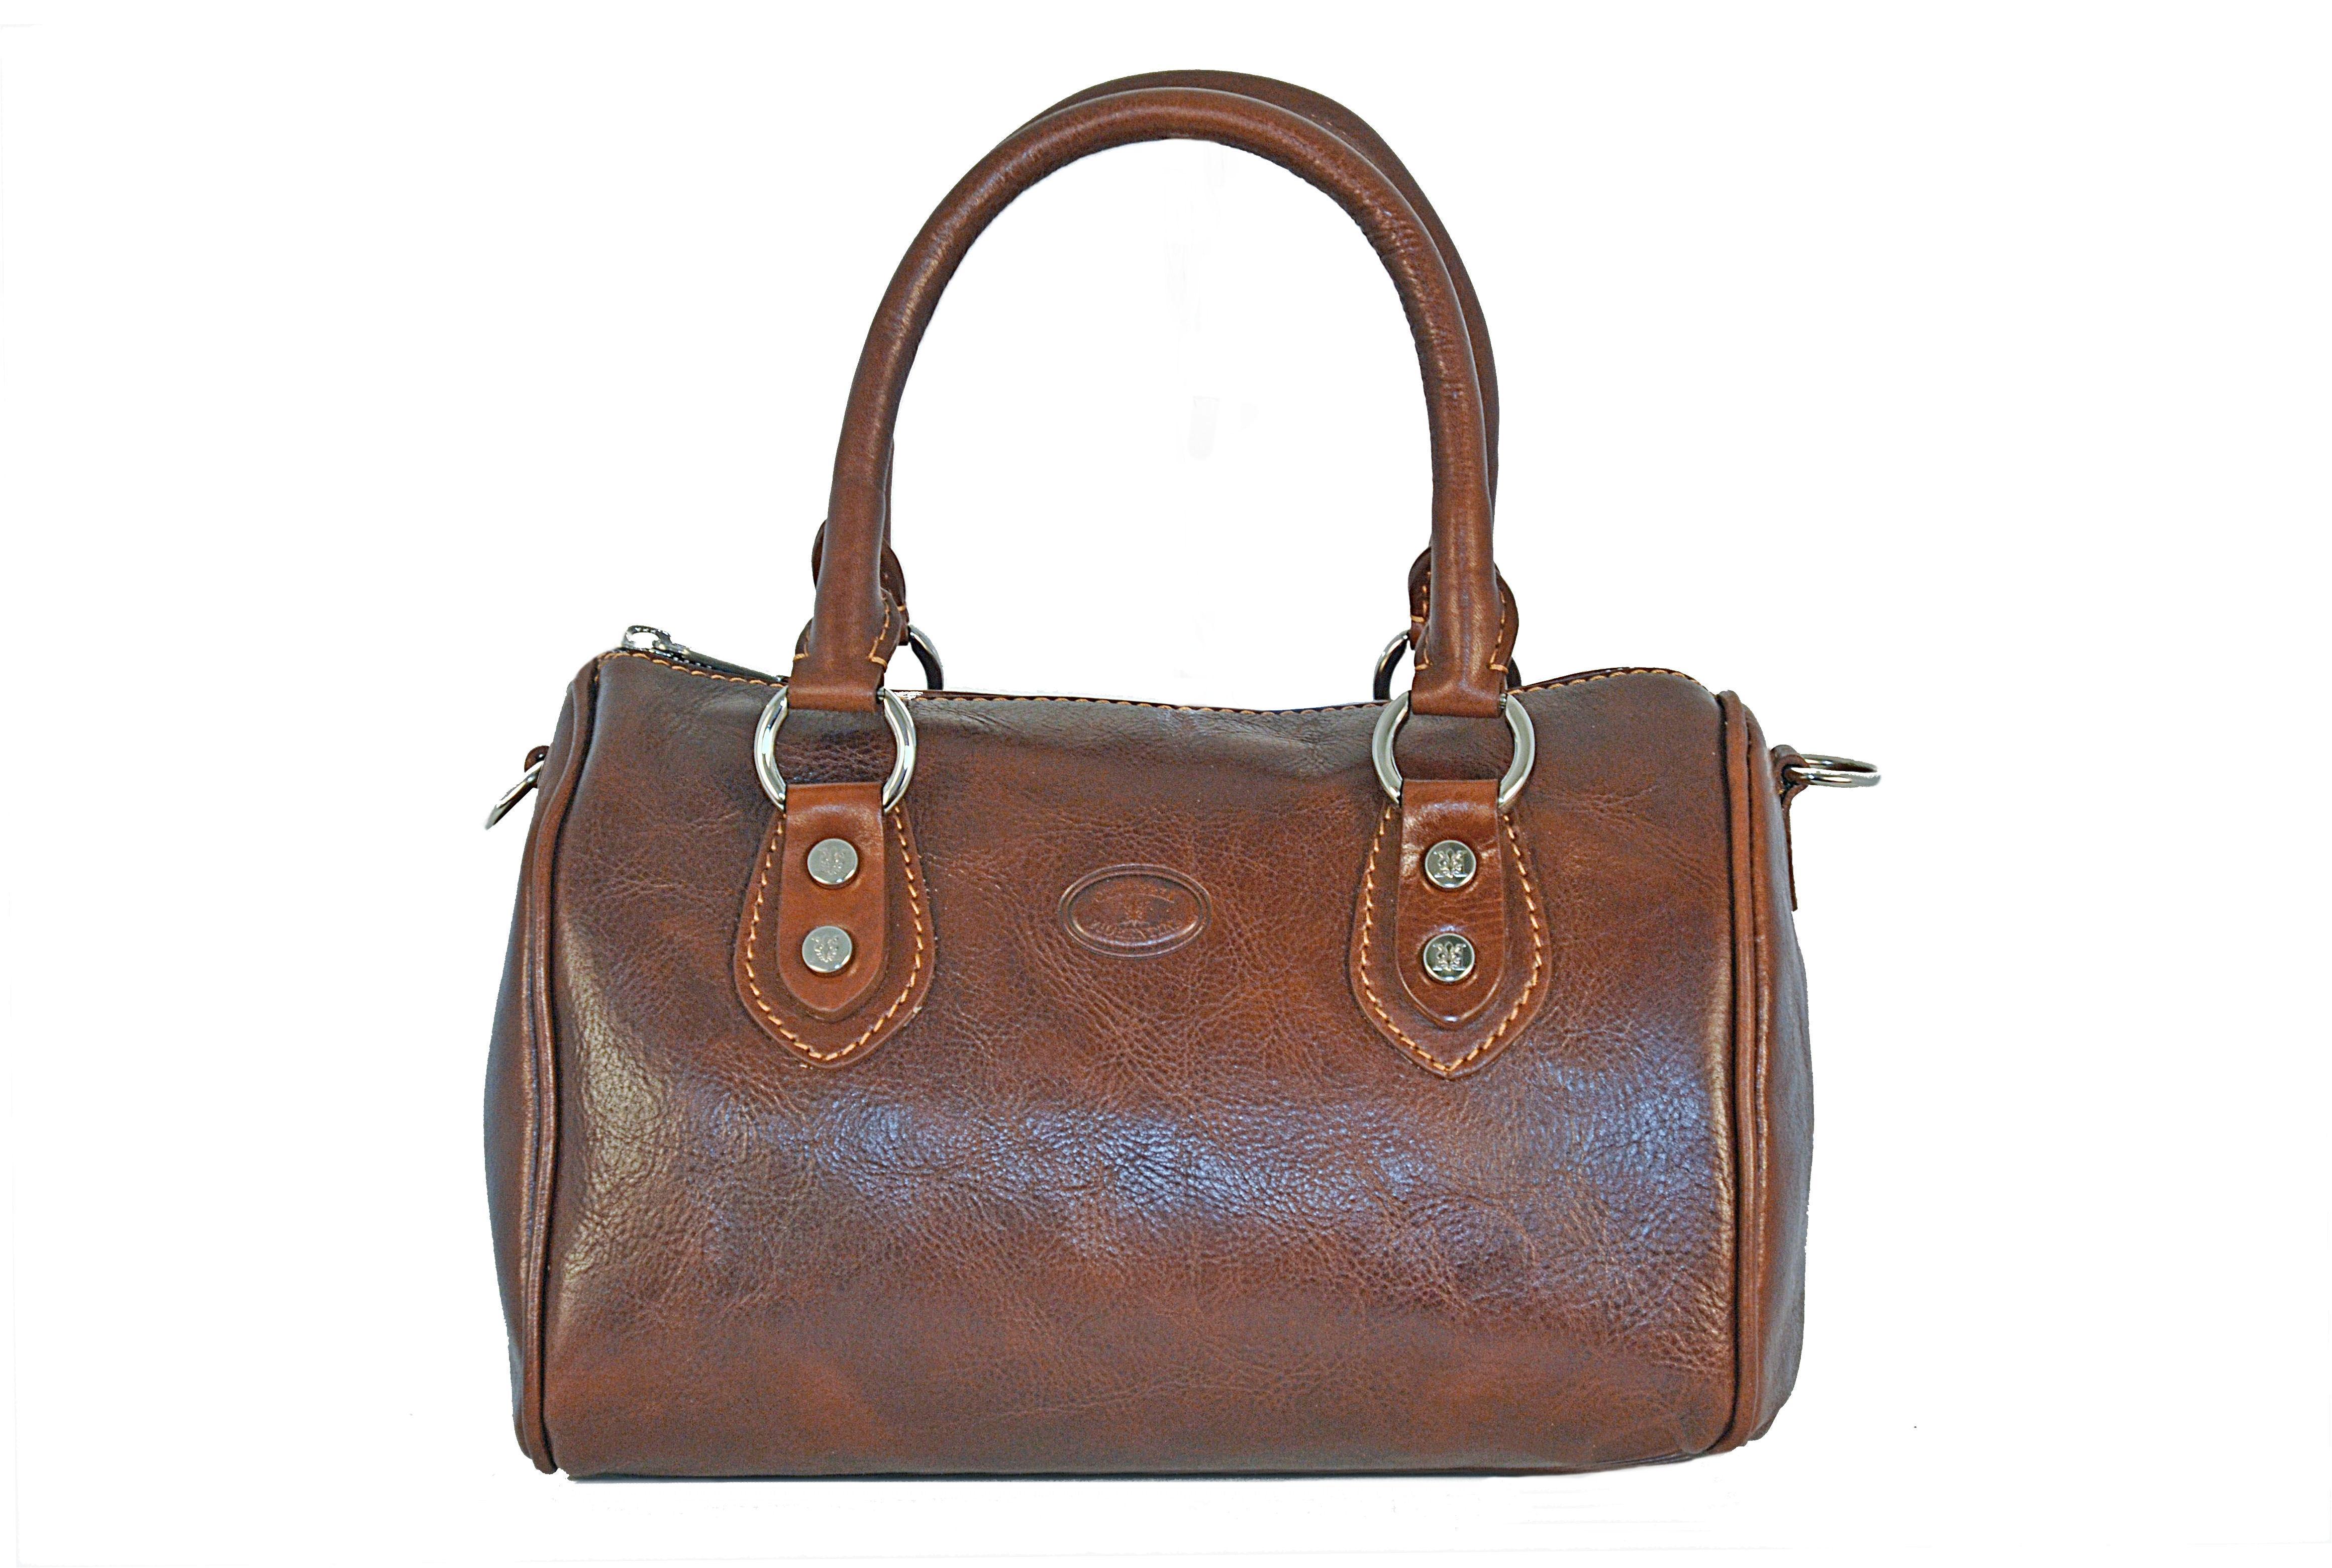 CUOIERIA FIORENTINA Bauletto in cuoio borsa donna pelle Marrone - Made in  Italy - Glooke Marketplace 4c78d287bad